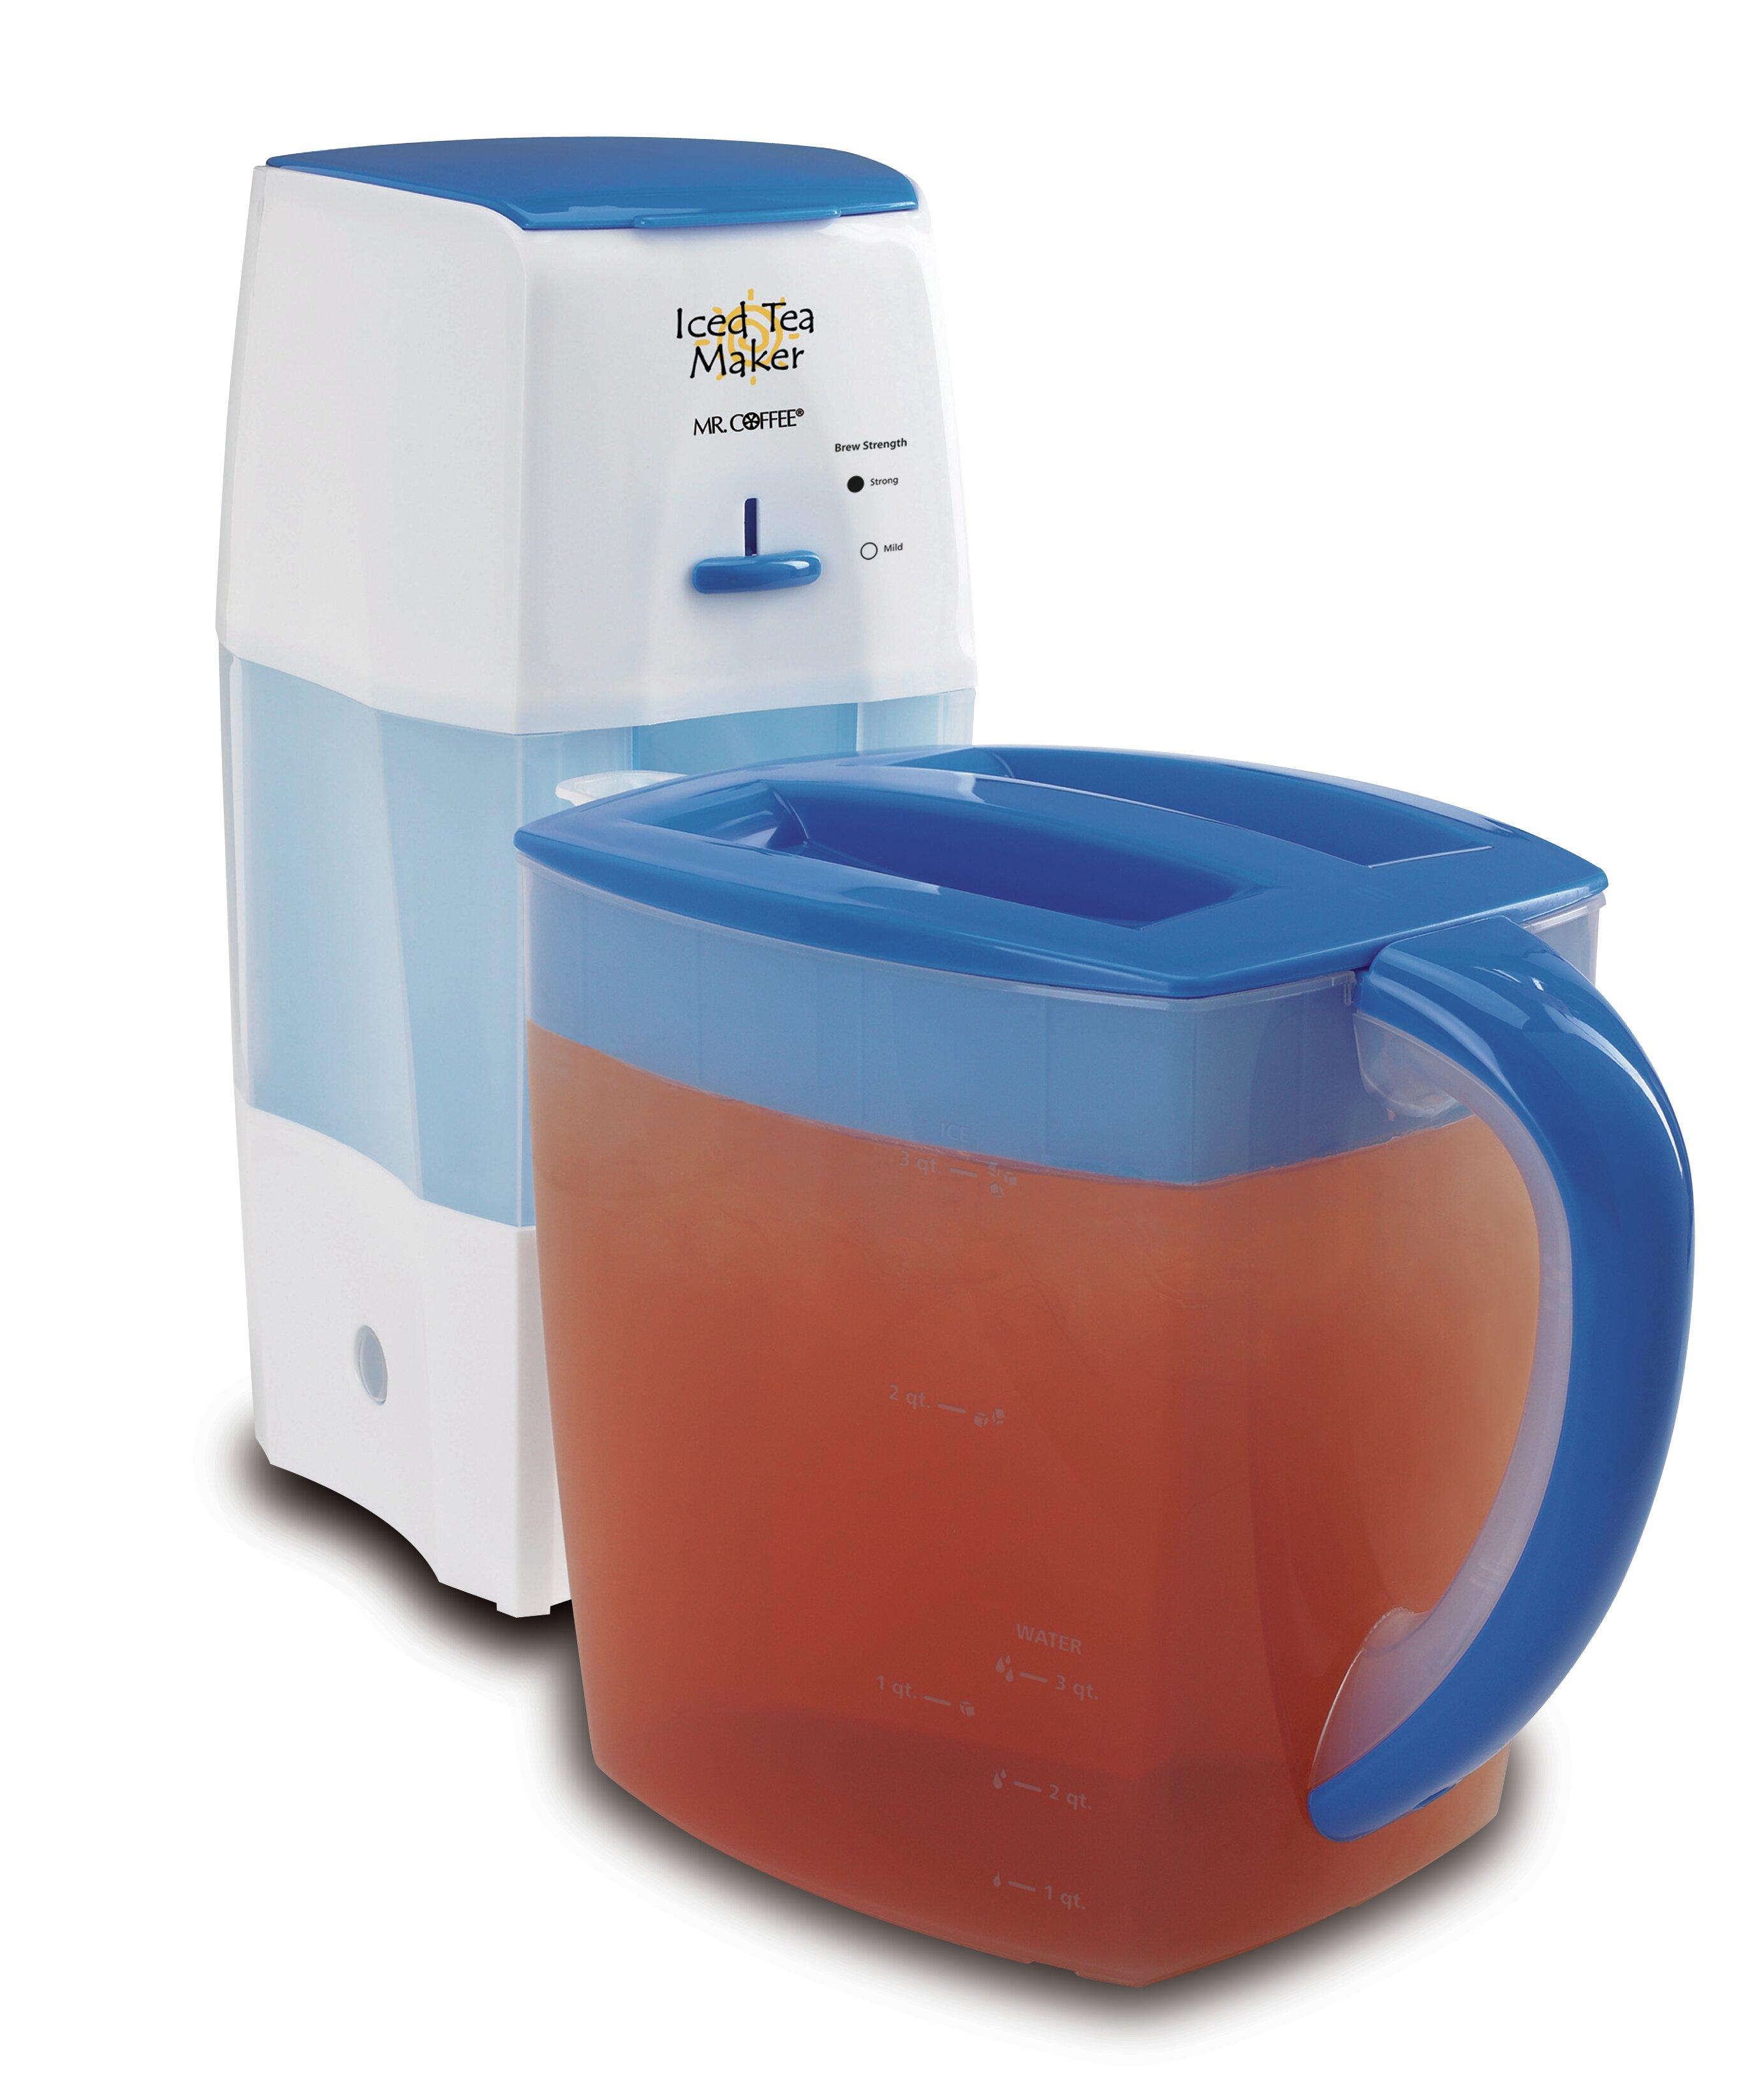 Mr Coffee 3 Qt Iced Tea Maker Reviews Wayfair